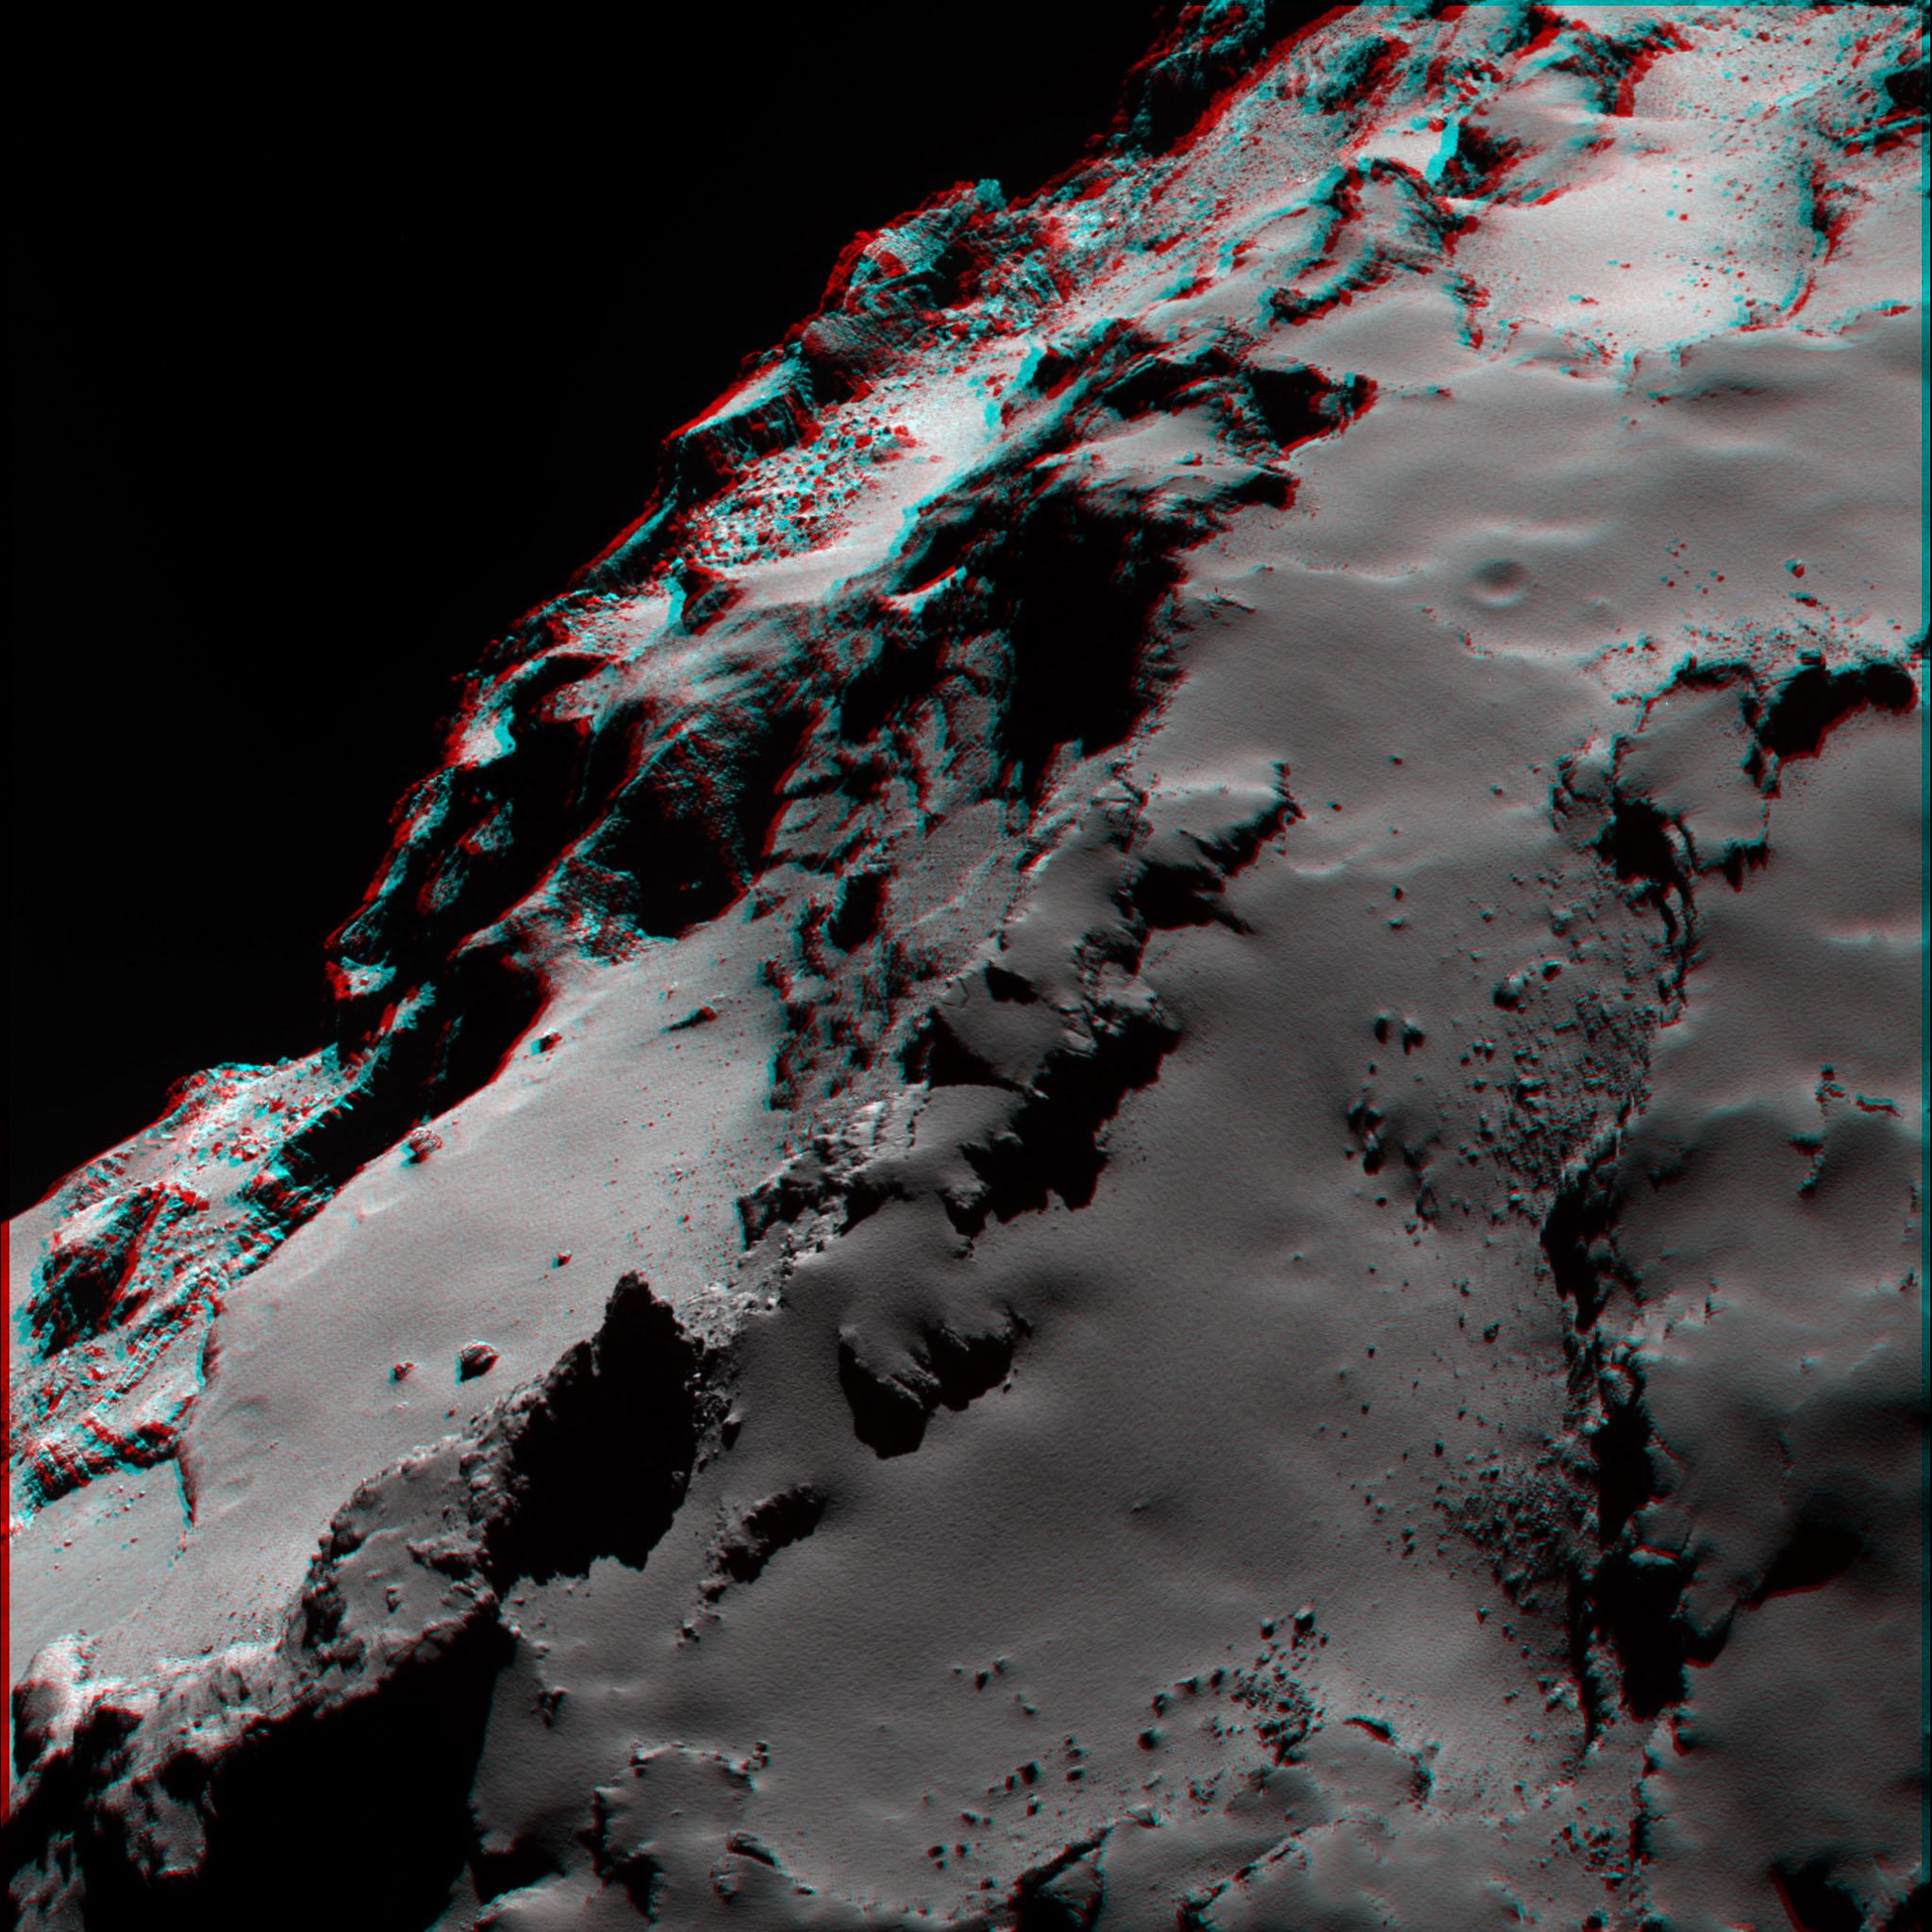 1567215812572-ESA_Rosetta_OSIRIS_Ash_anaglyph.jpg